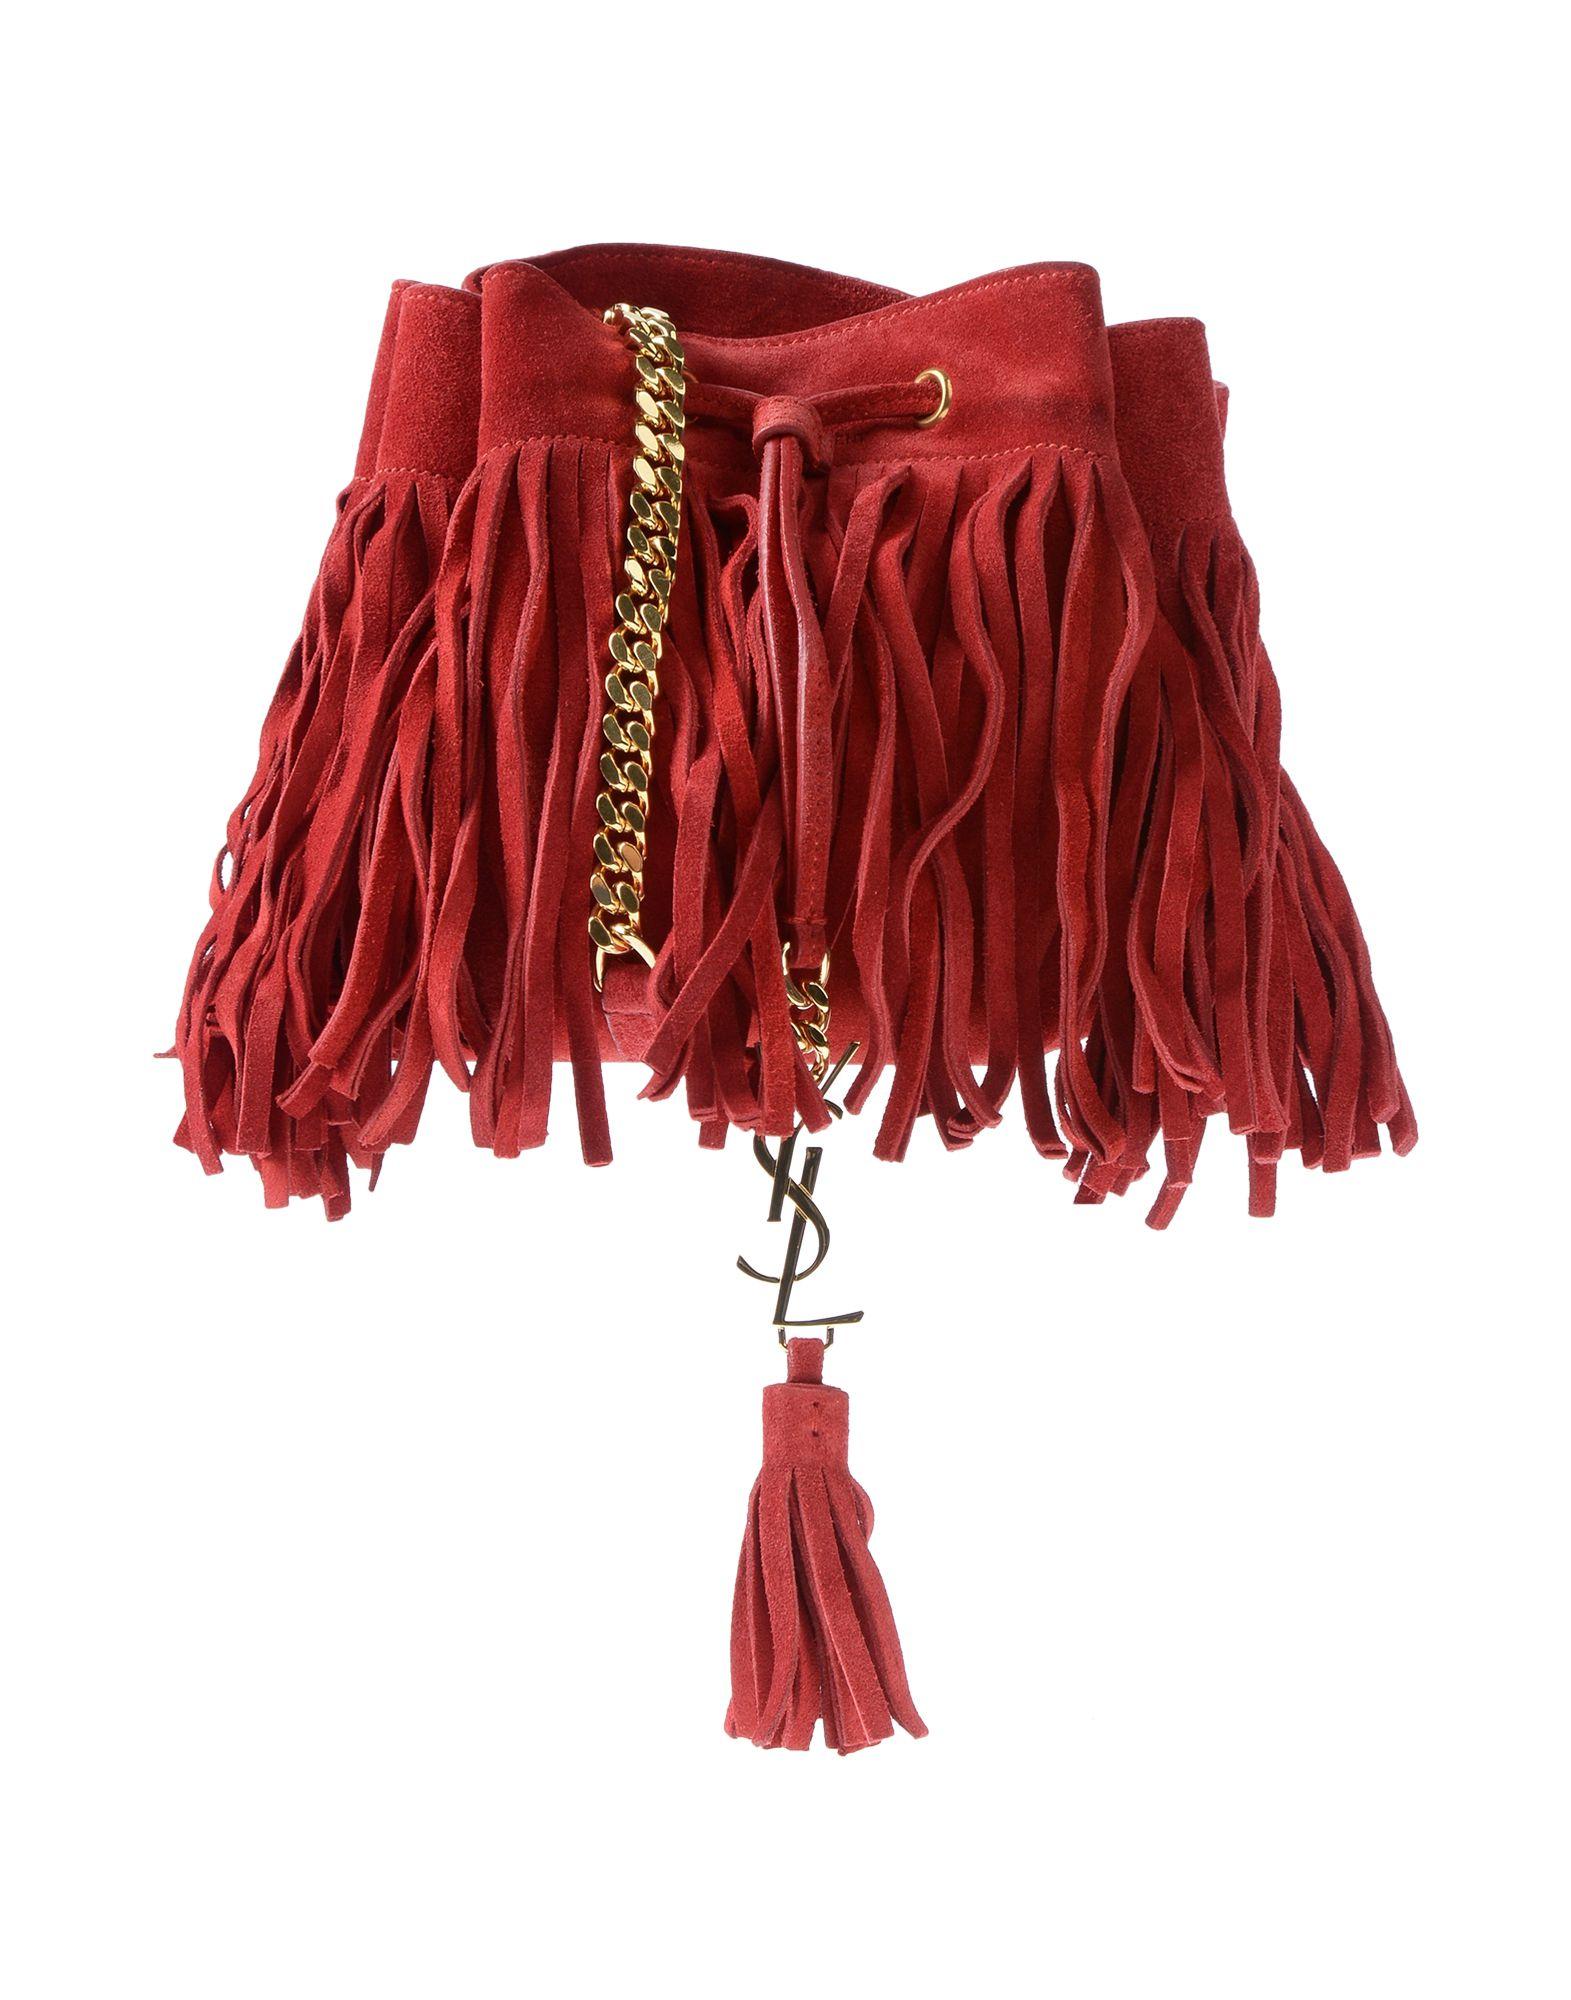 SAINT LAURENT Сумка через плечо aliwilliam® 2015 новый женский мини цепь плечо сумка дизайнер сумки crossbody сумка для женщин малый messenger мешок 5 цветов